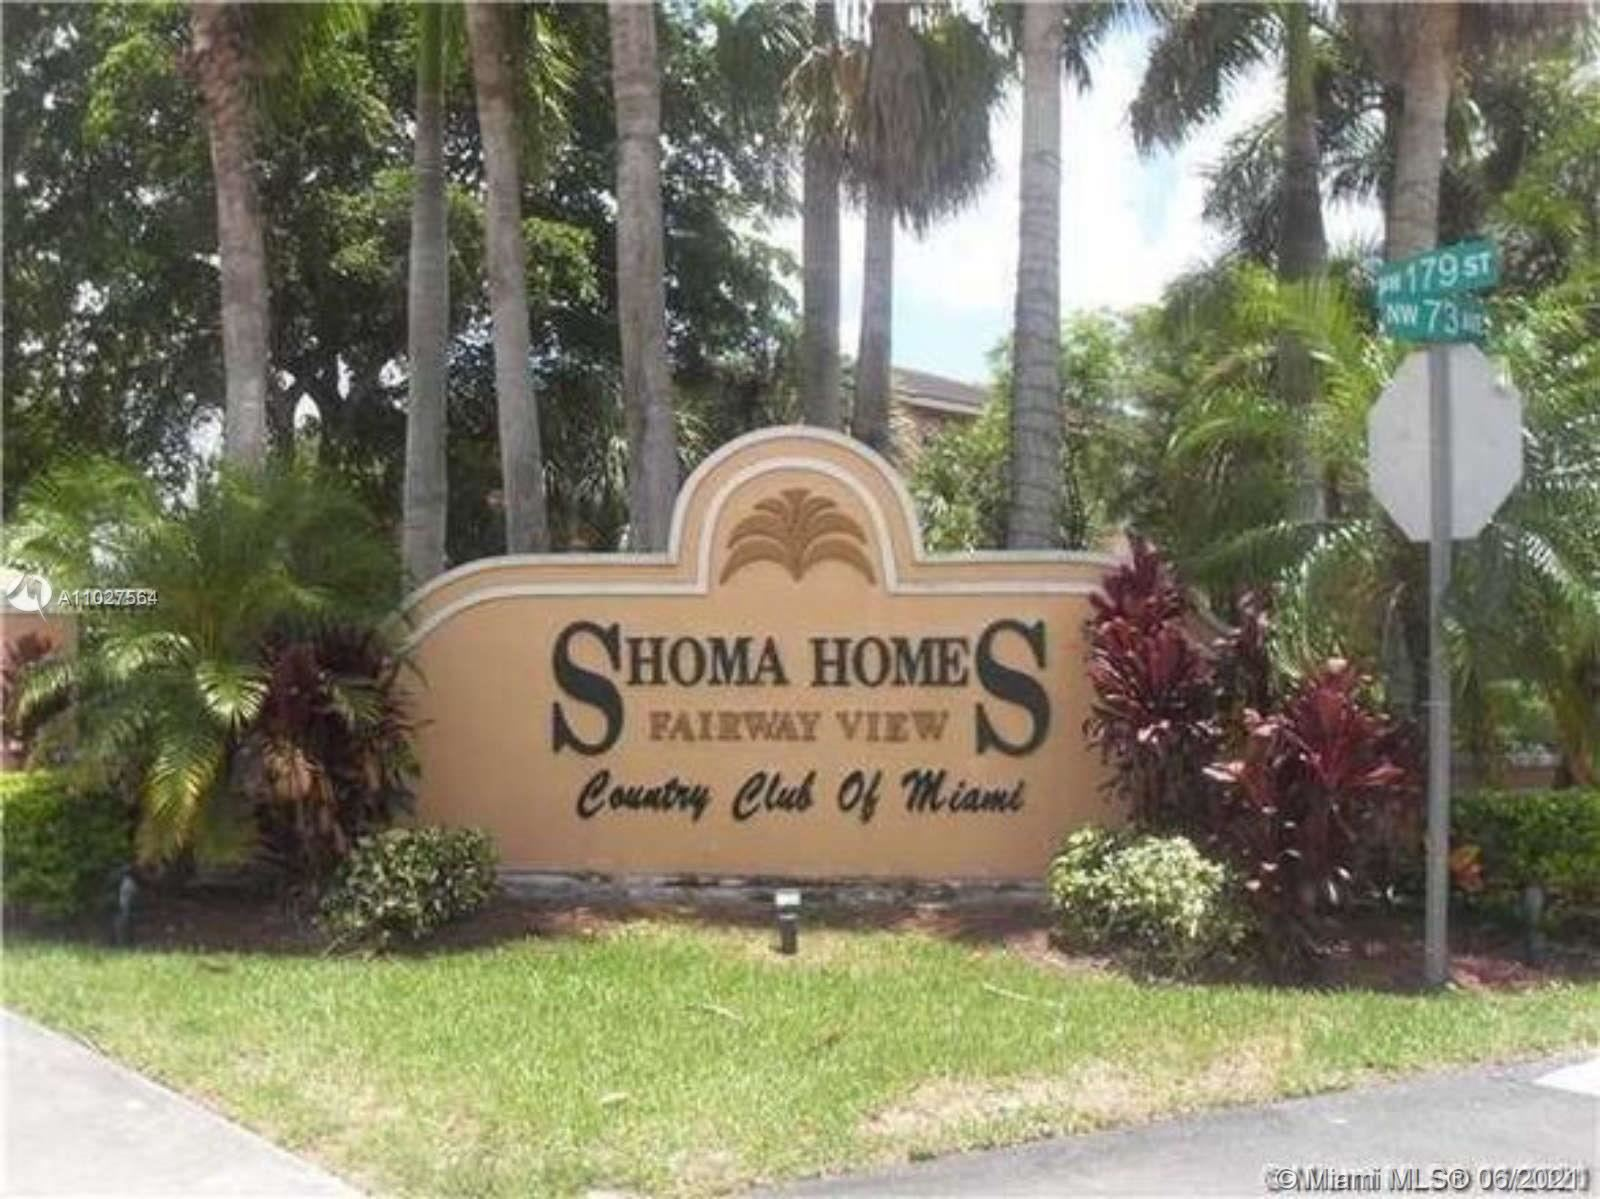 17710 NW 73rd Ave #202-20, Hialeah, FL 33015 - #: A11027564